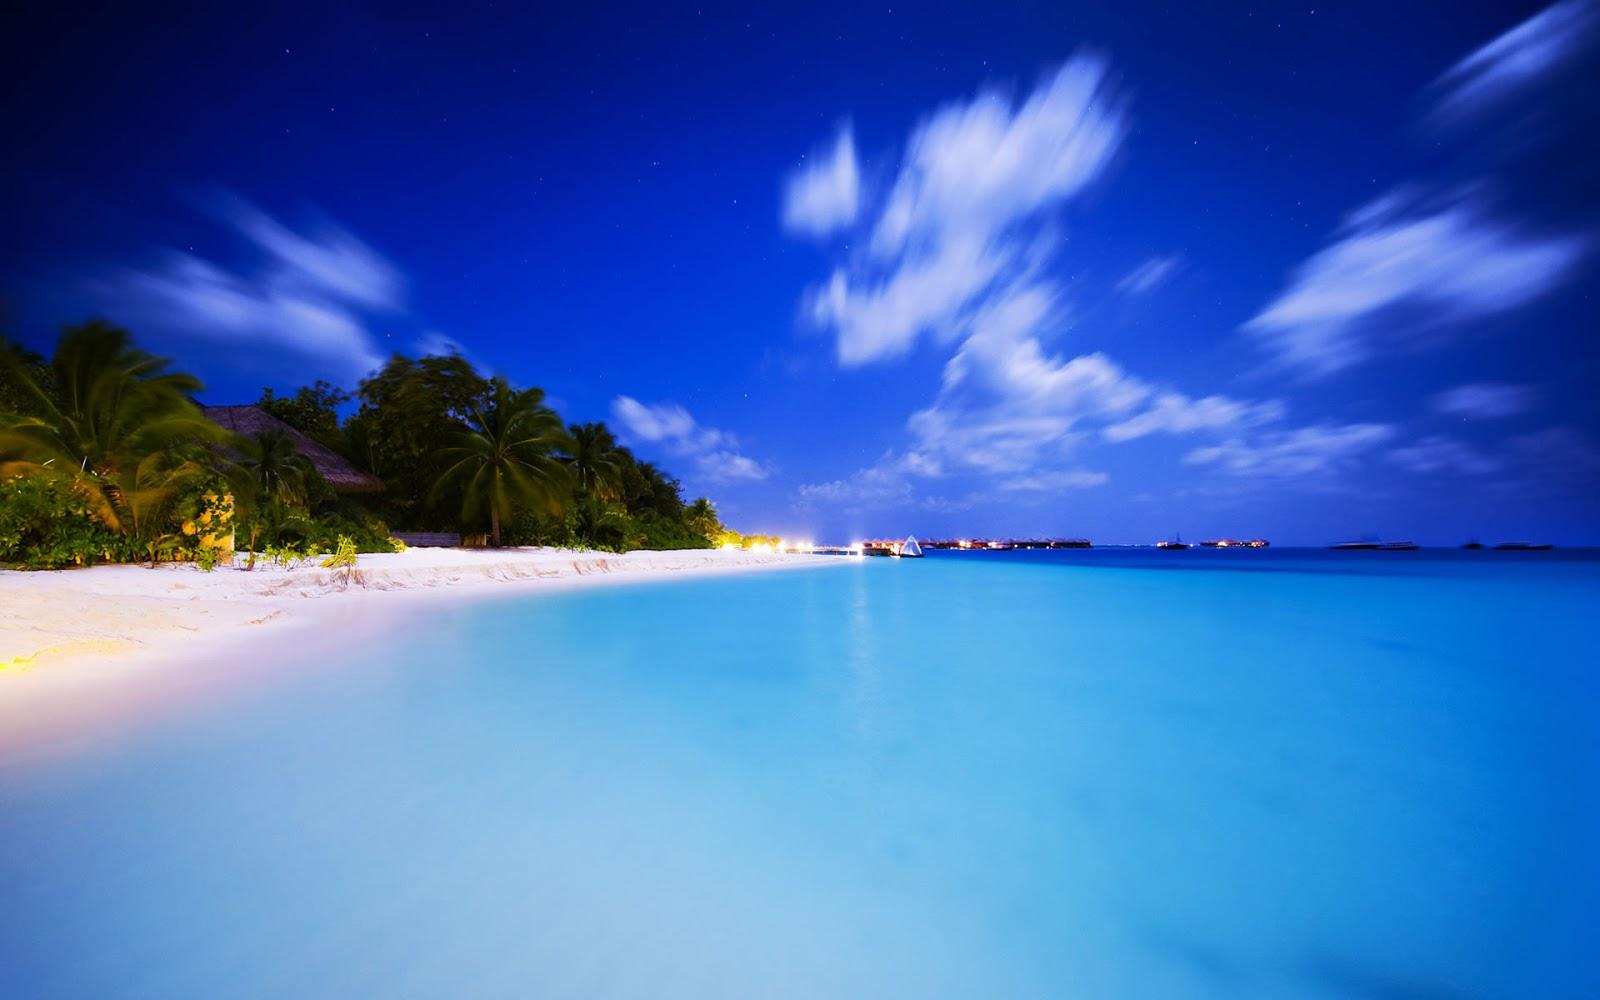 Gambar Pemandangan Pantai Pemandangan Indah Wallpaper